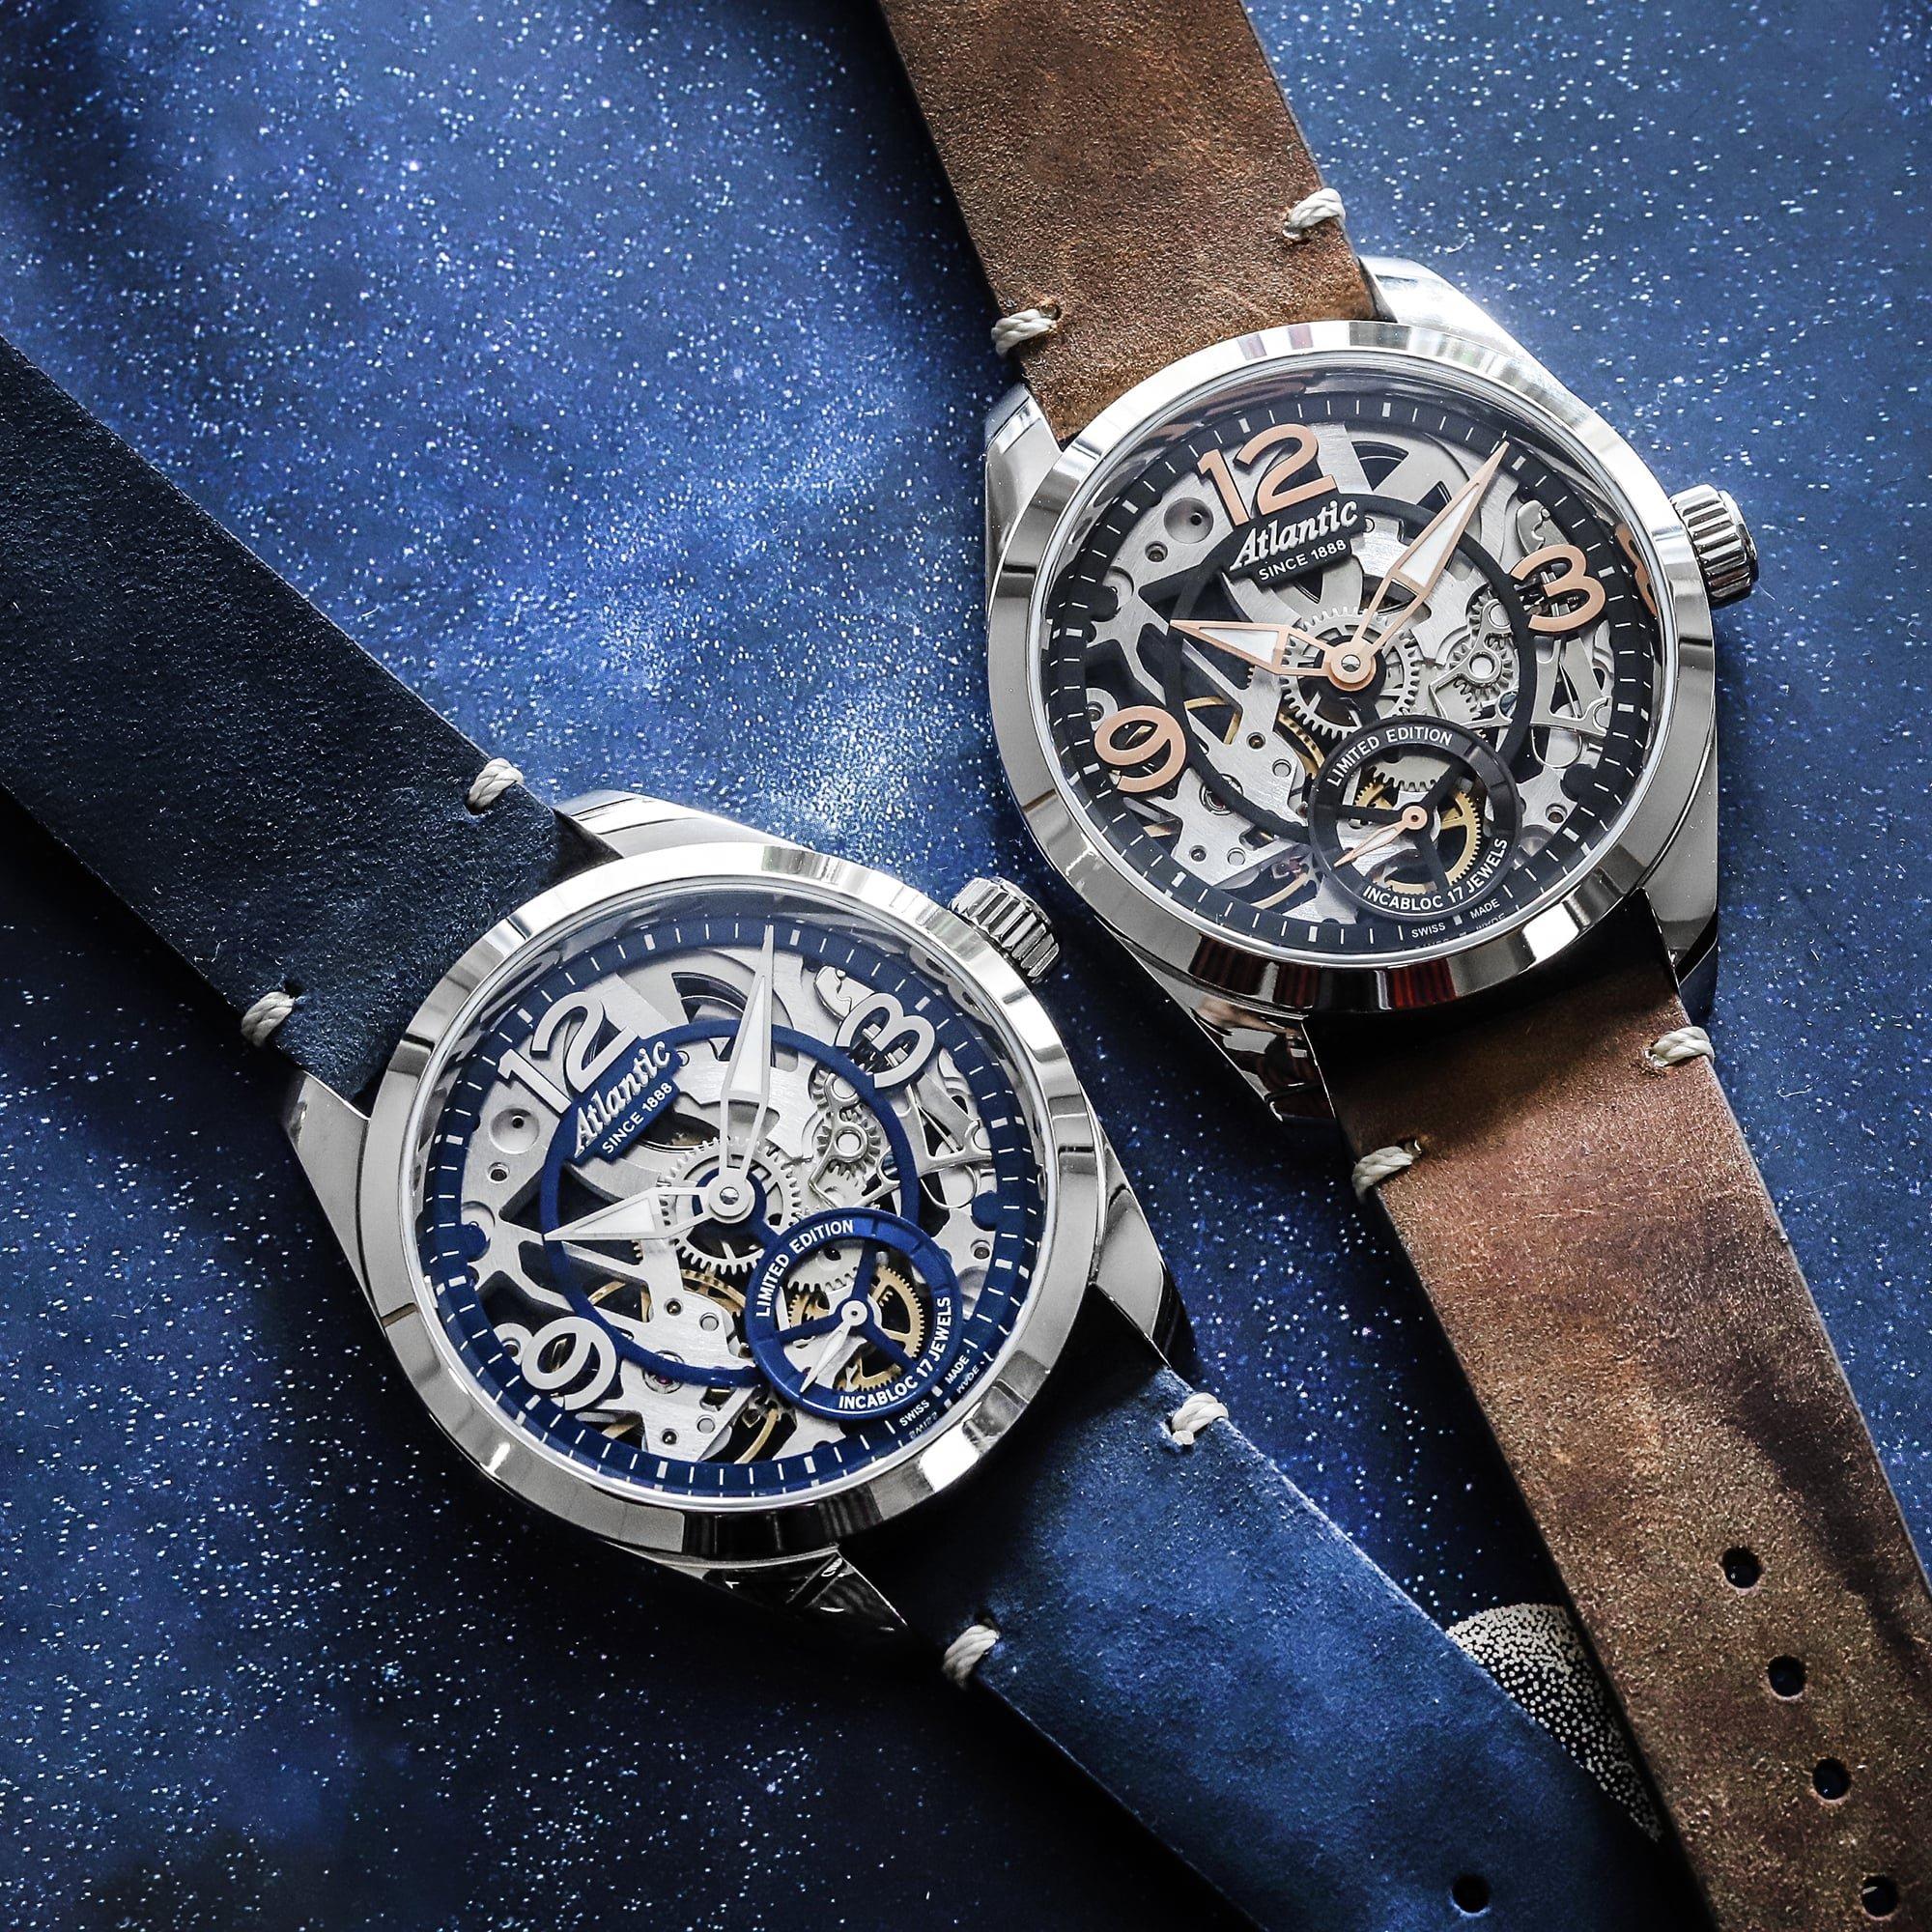 Niesamowite zegarki Atlantic wykonane sztuką szkieletowania.